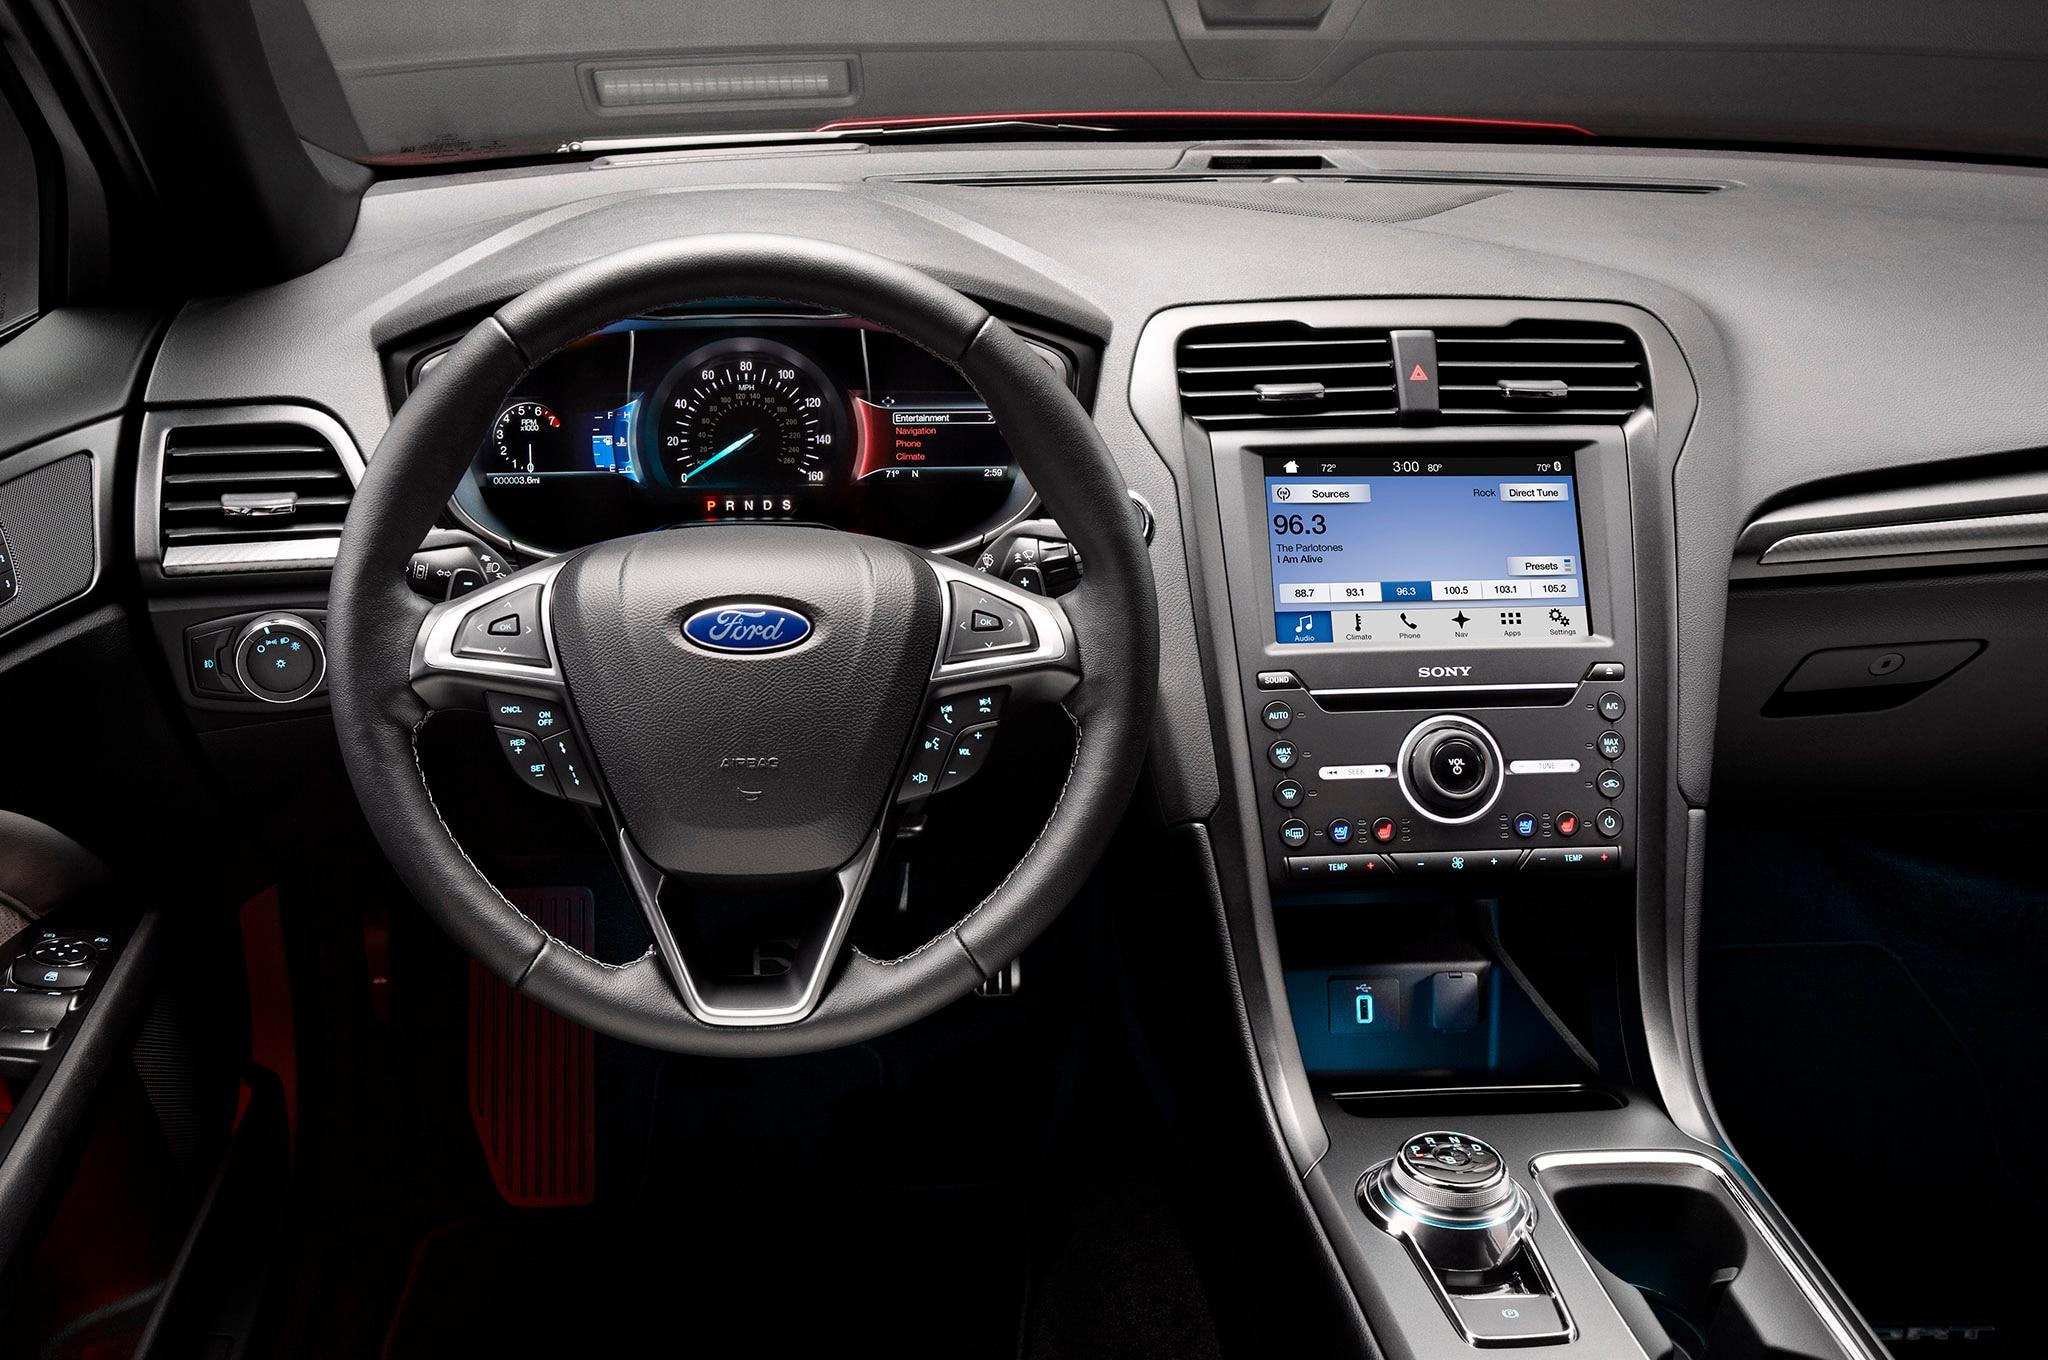 3|28 & 2017 Ford Fusion Review markmcfarlin.com